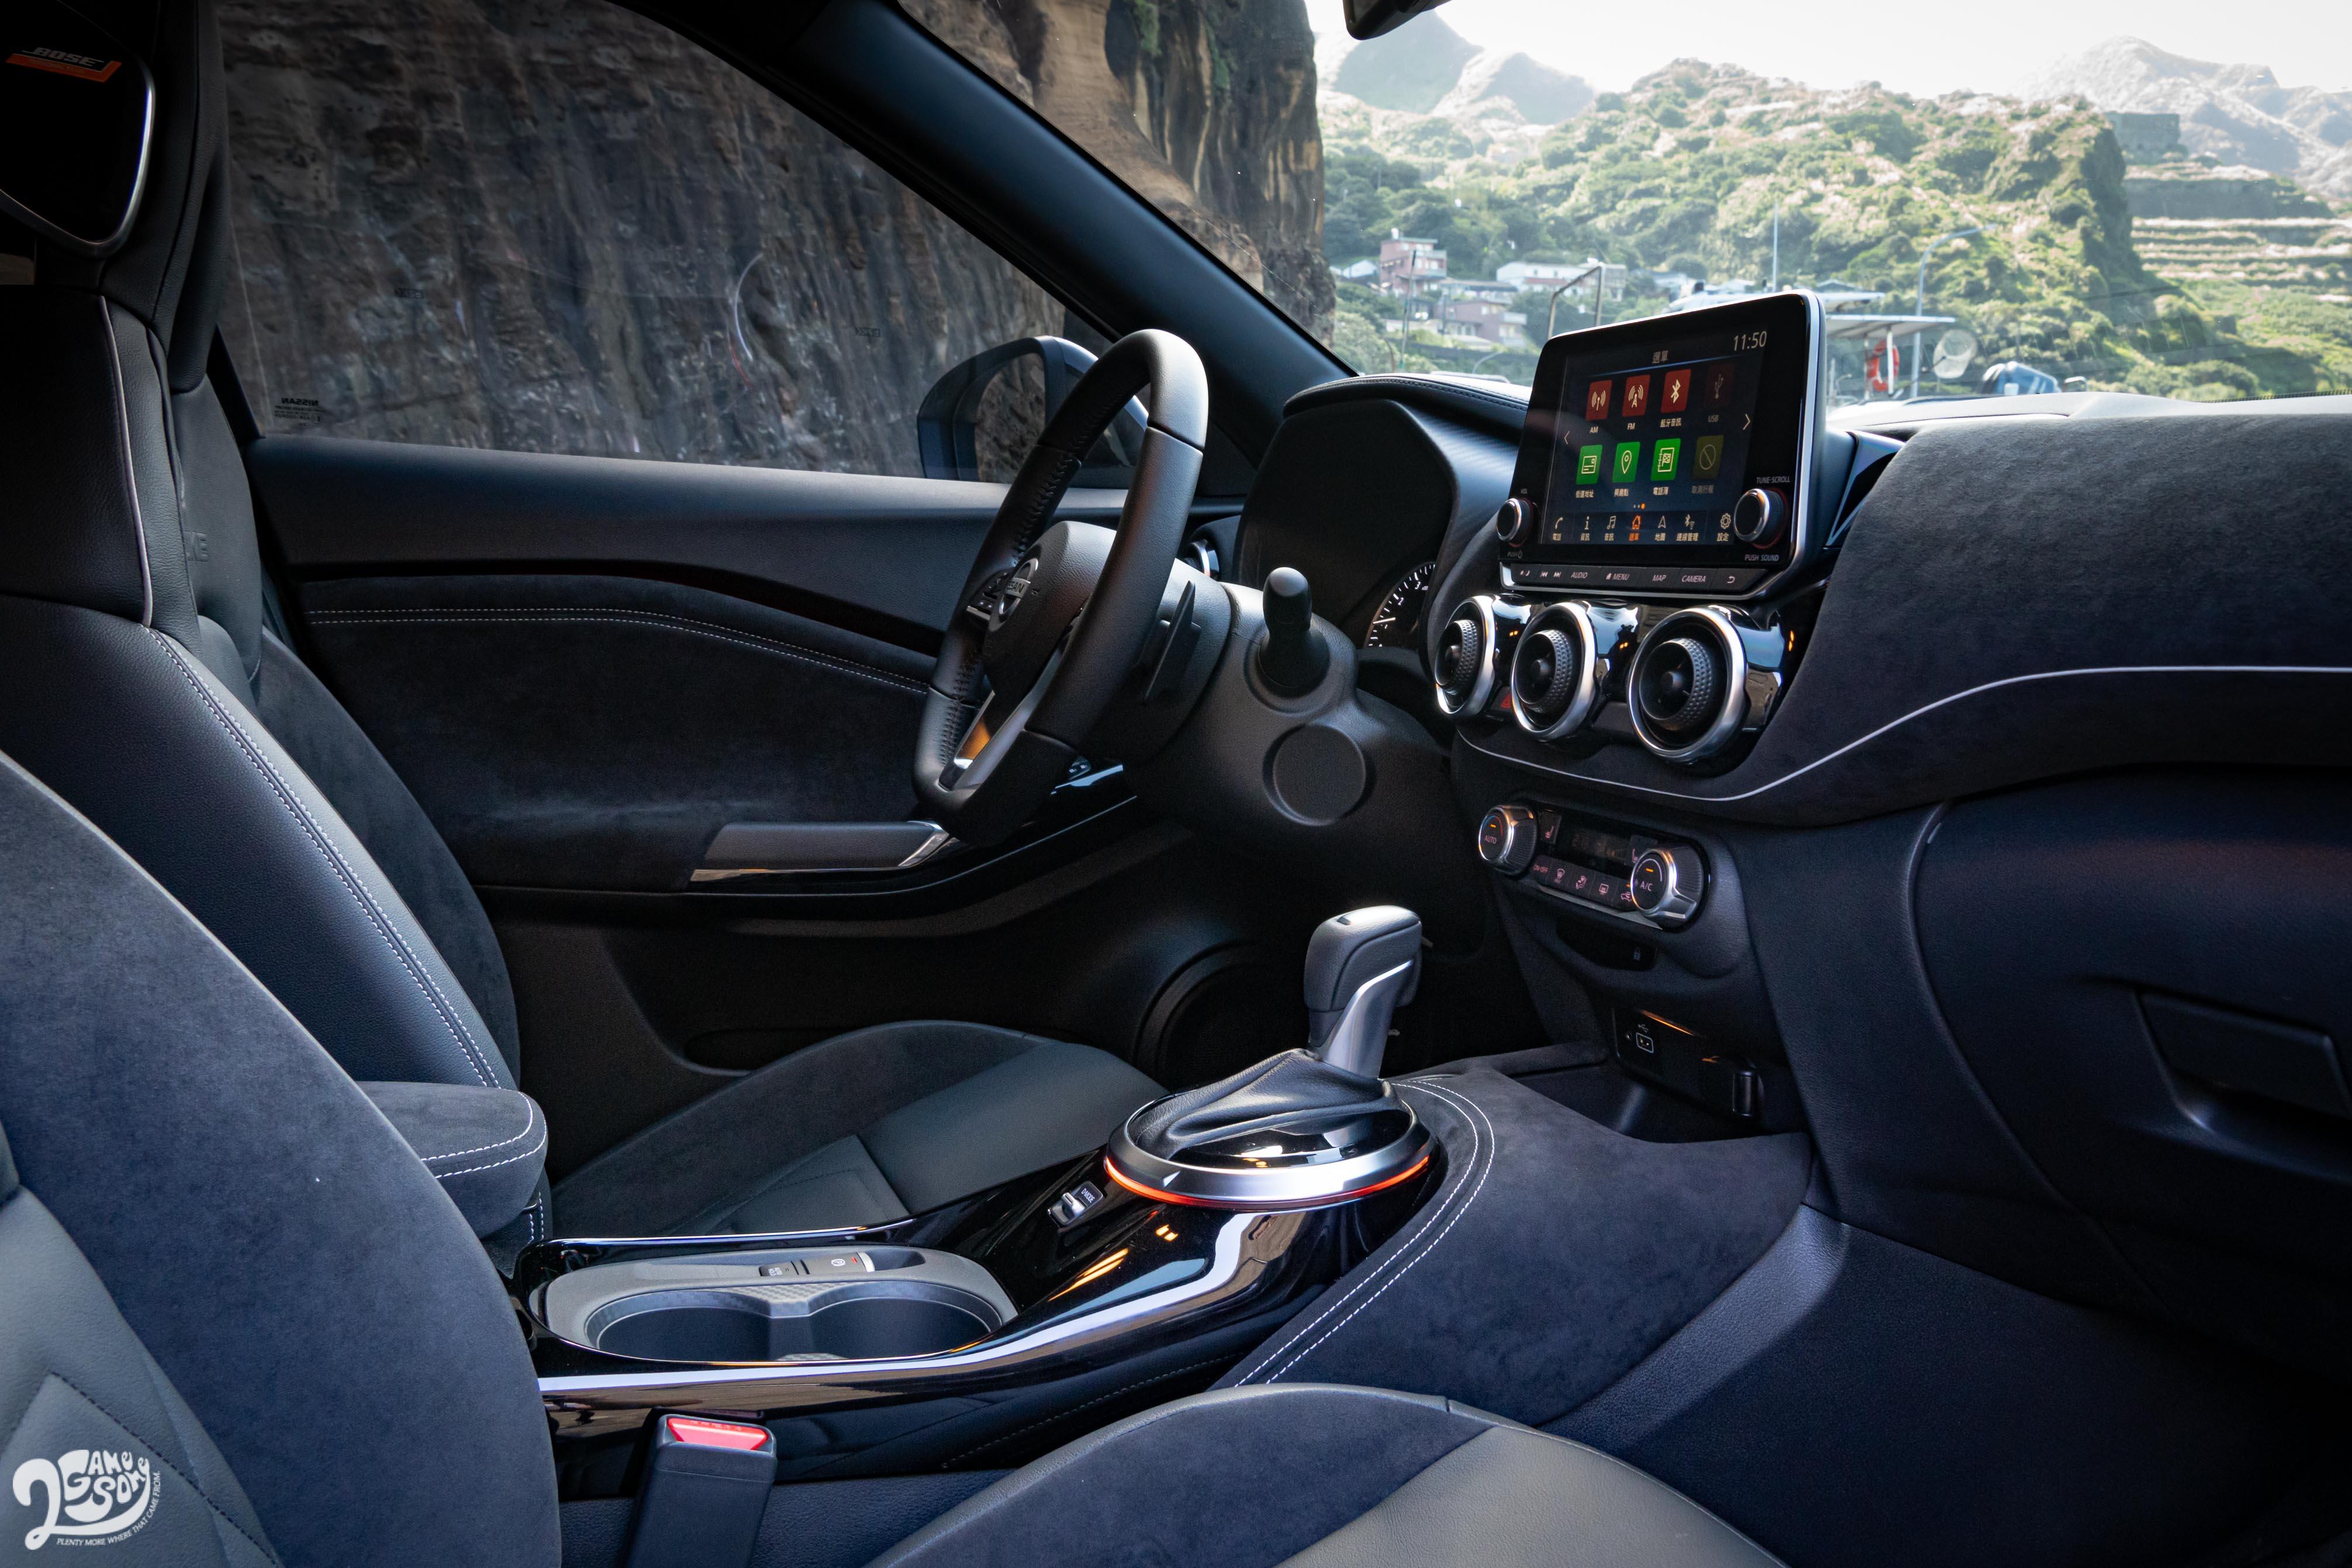 車內的許多「圓圈」設計,包含出風口、排檔桿座、儀表板、空調旋鈕等處,都有向前輩致敬的意味。